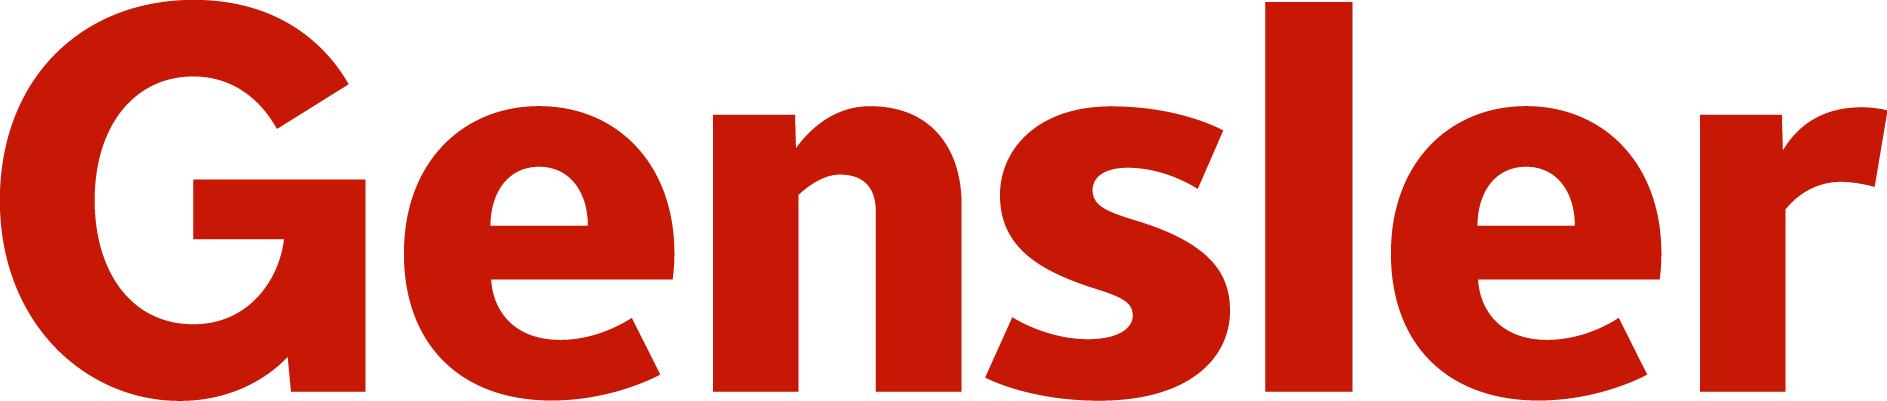 Gensler_logo_RED2